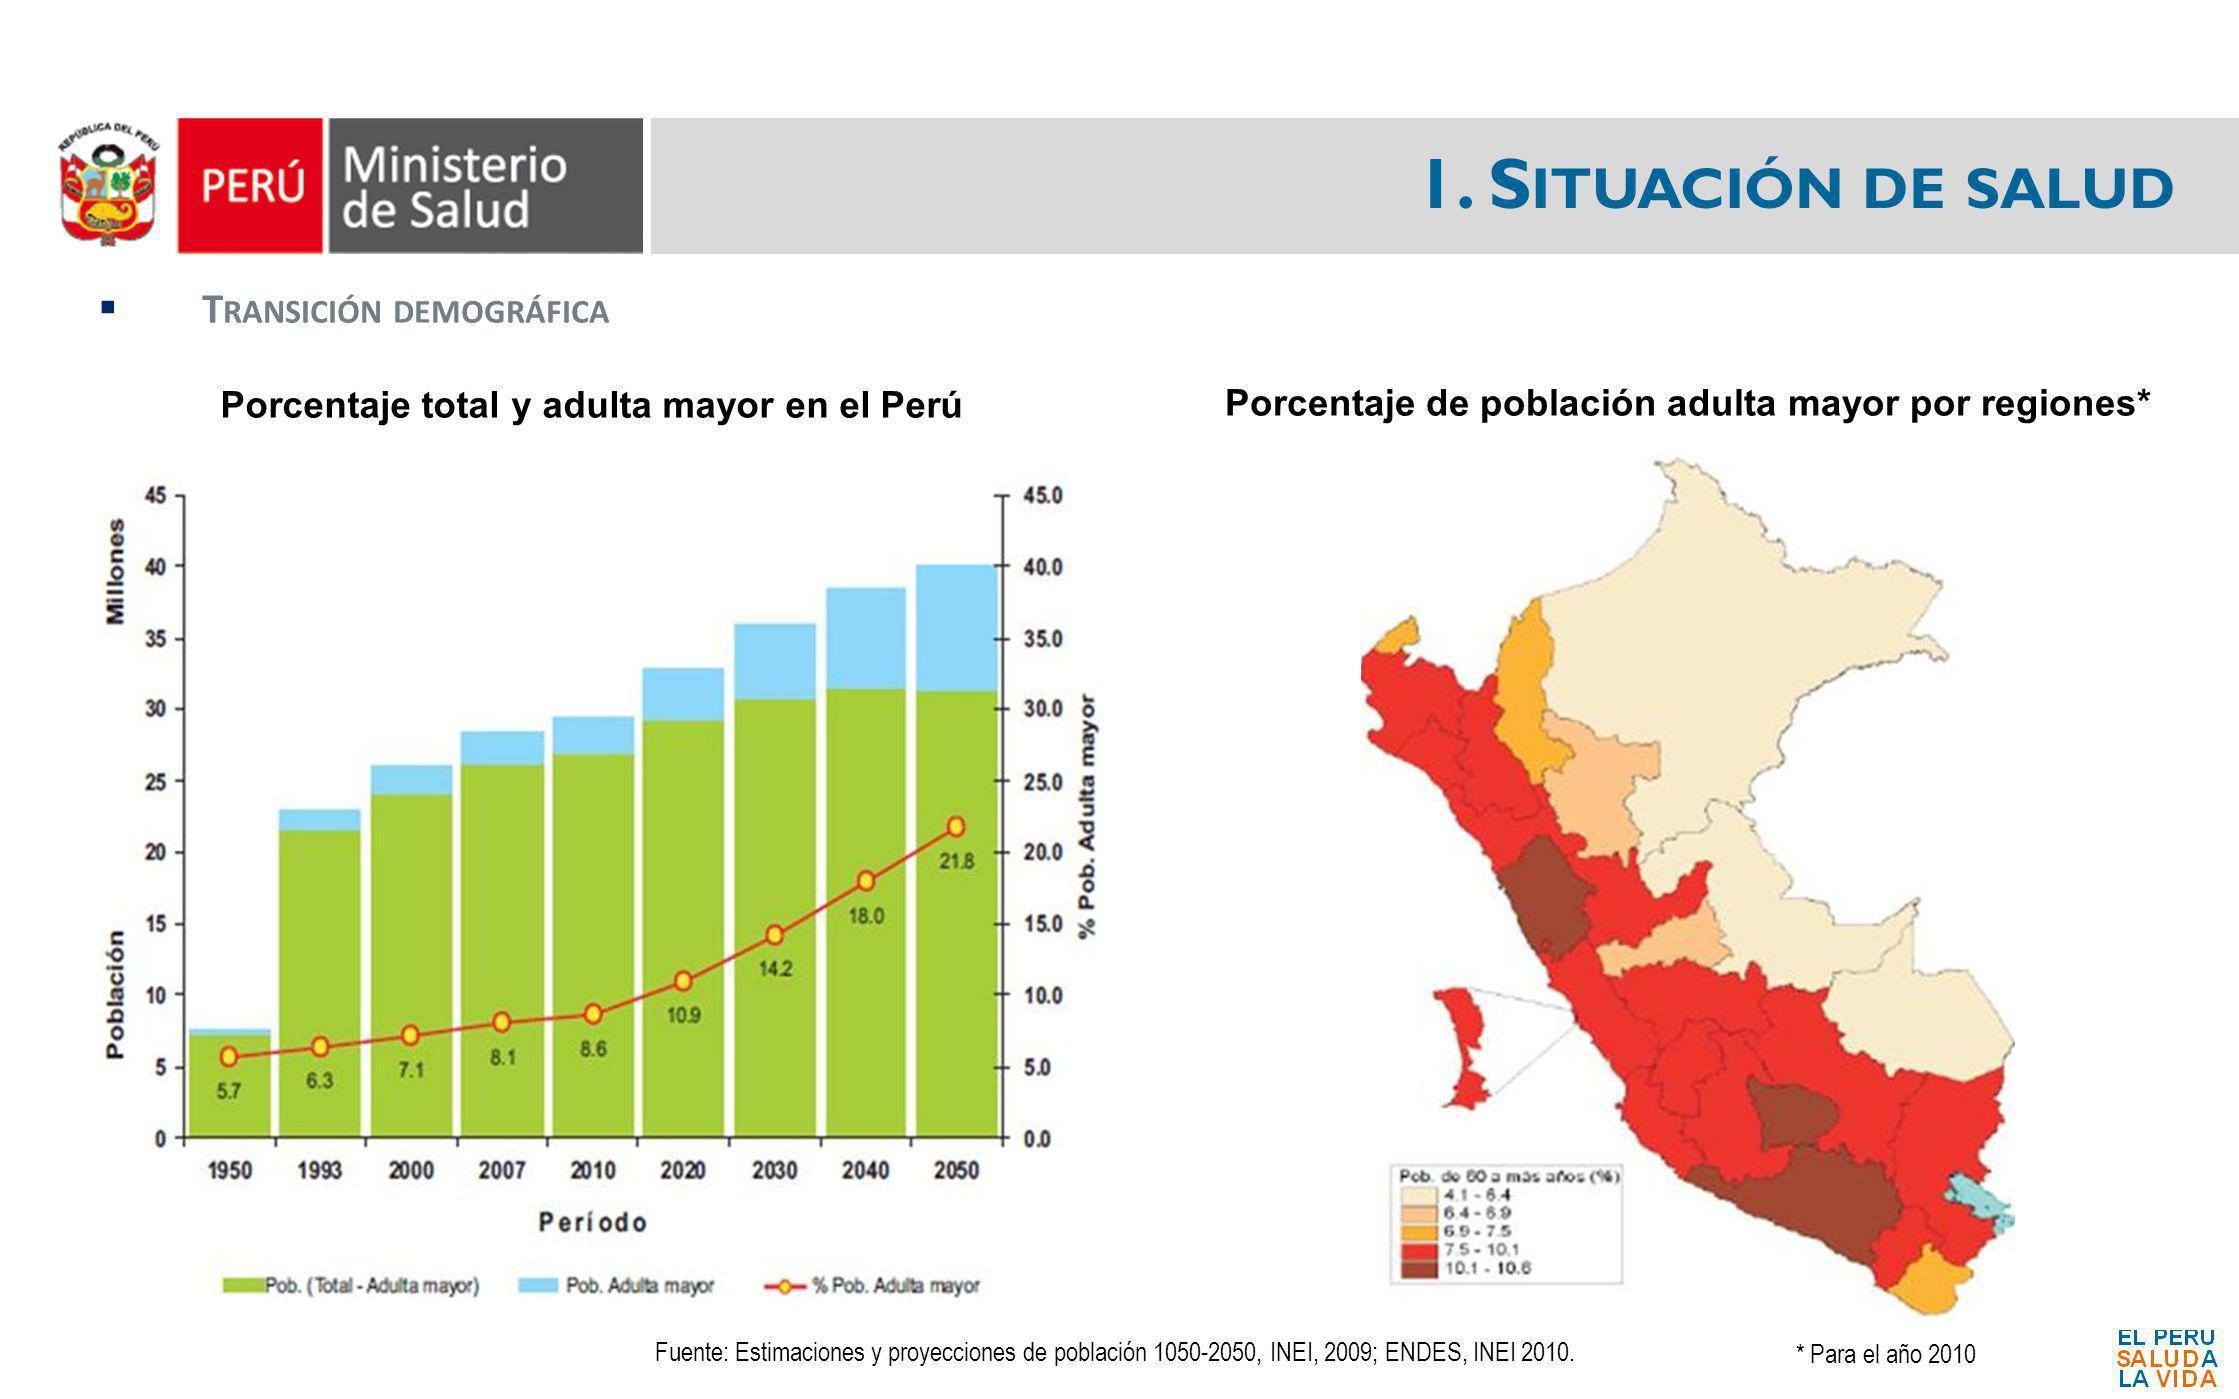 1. S ITUACIÓN DE SALUD T RANSICIÓN DEMOGRÁFICA Porcentaje total y adulta mayor en el Perú Porcentaje de población adulta mayor por regiones* Fuente: E